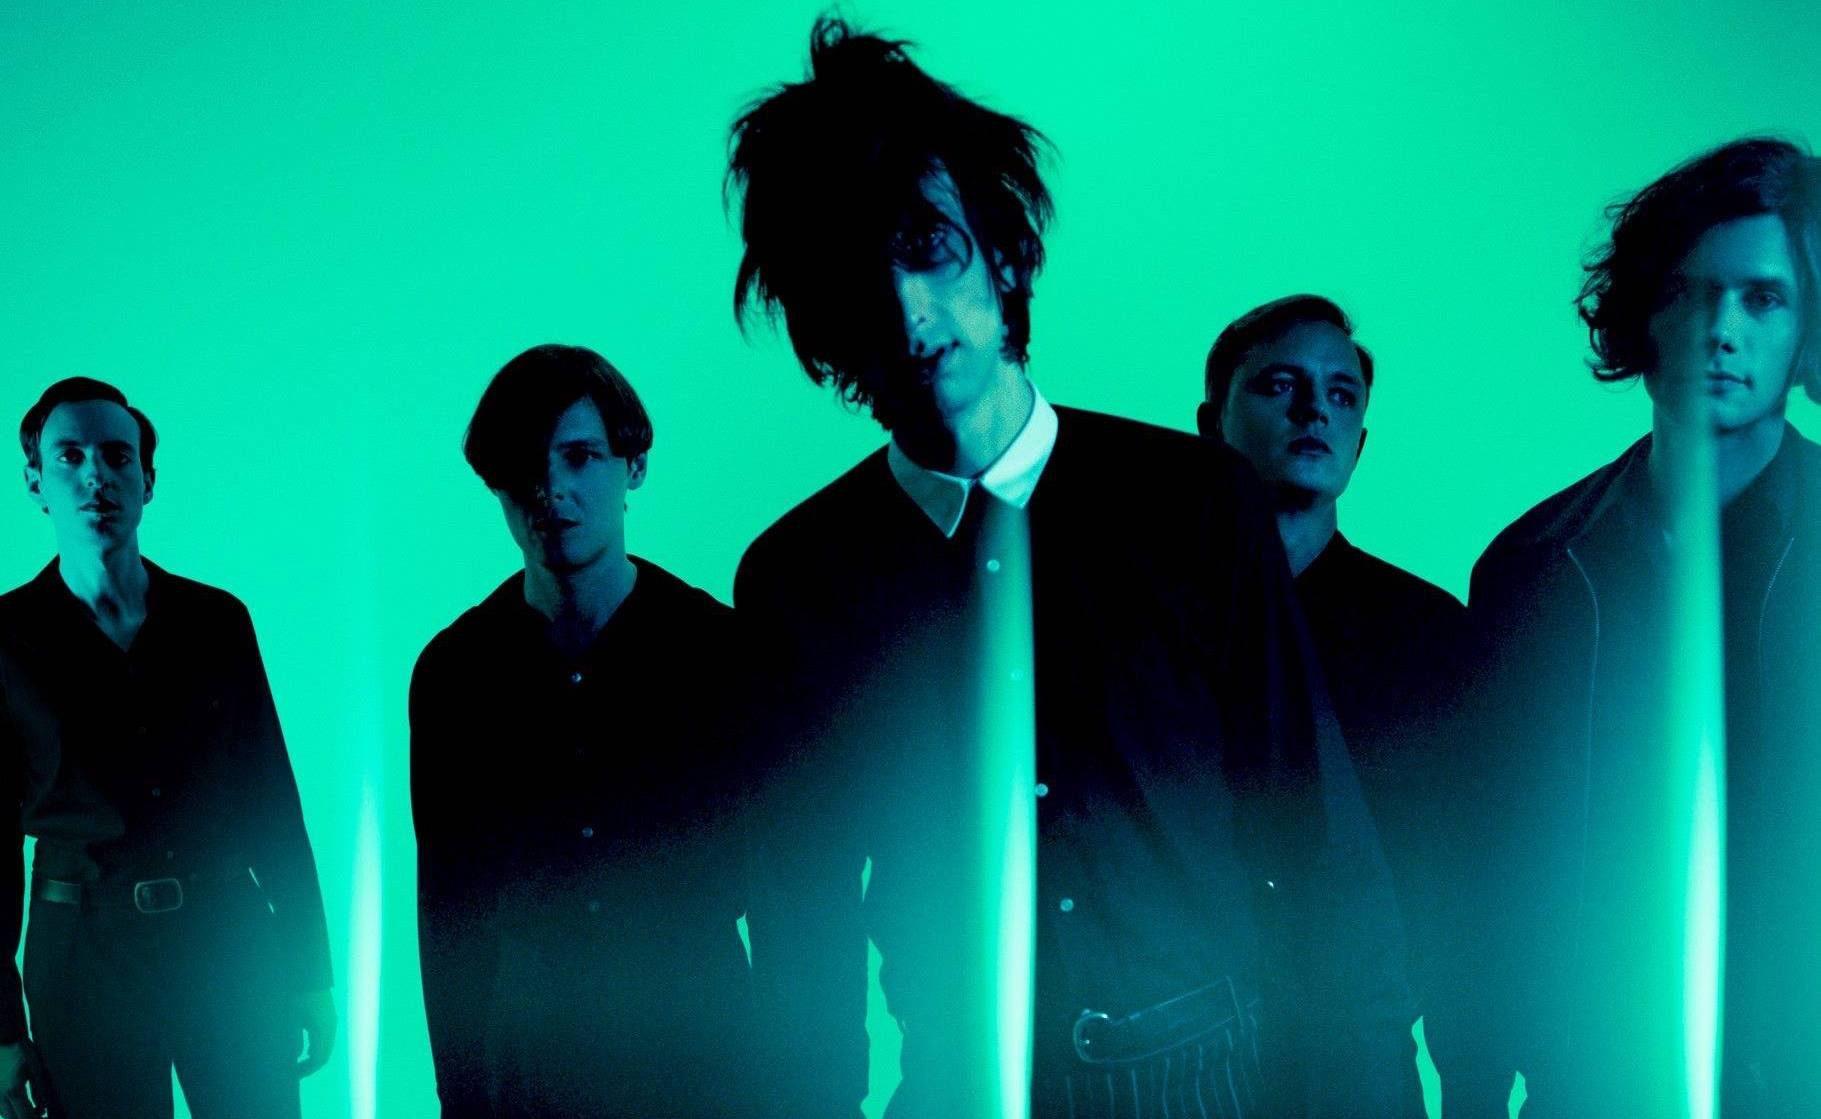 The Horrors présentent Something To Remember Me By, le nouveau morceau de leur prochain album V prévu pour septembre 2017